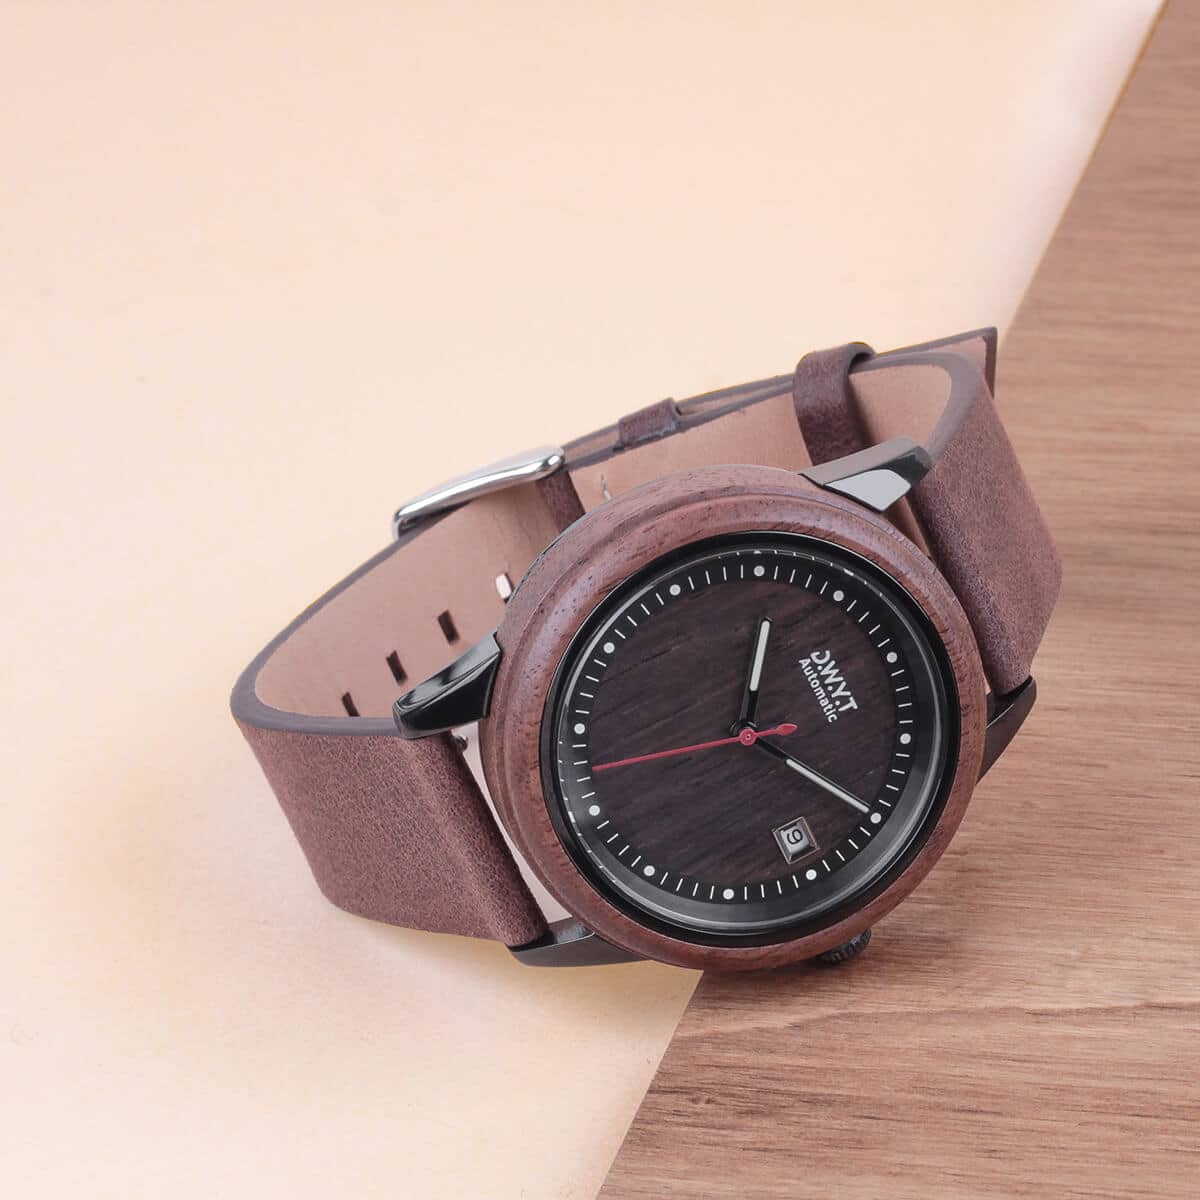 Montre en bois Mood bracelet cuir grainé